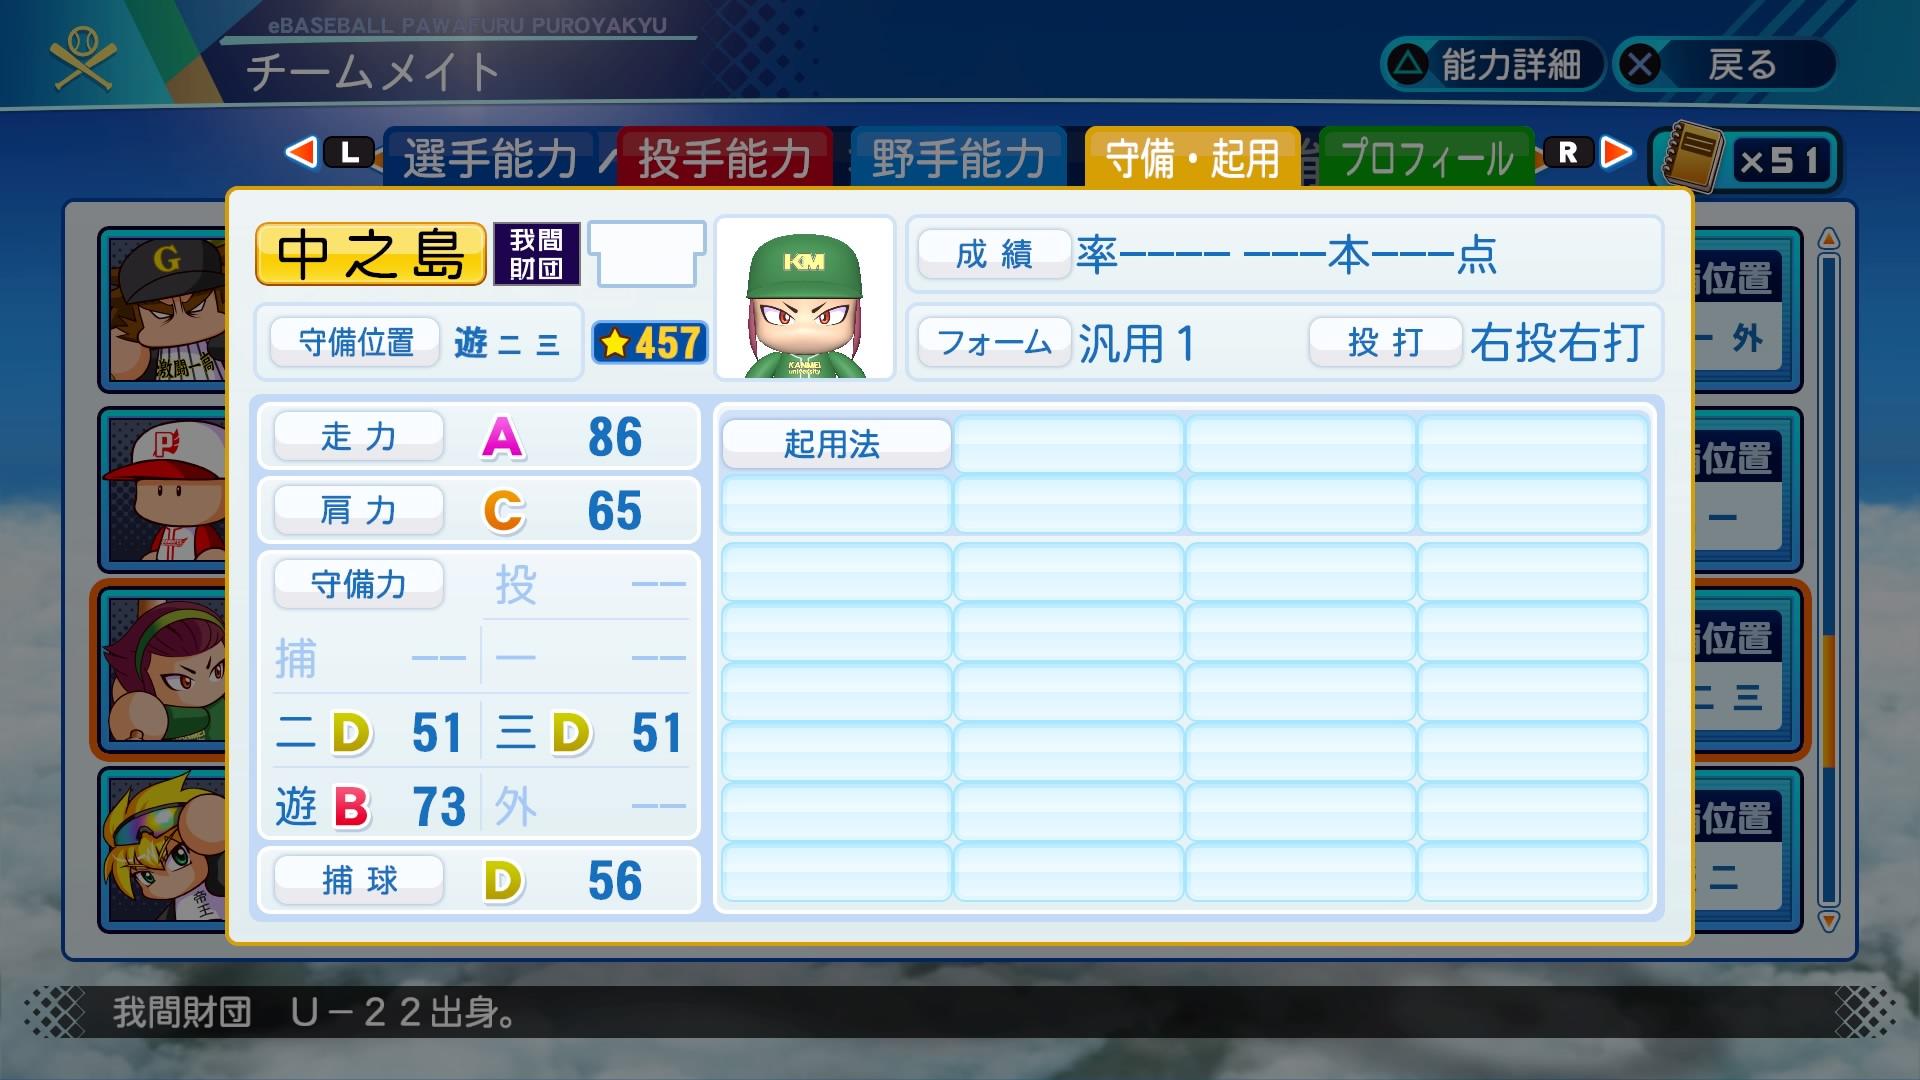 E2I-1yTVcAIOfgP.jpg